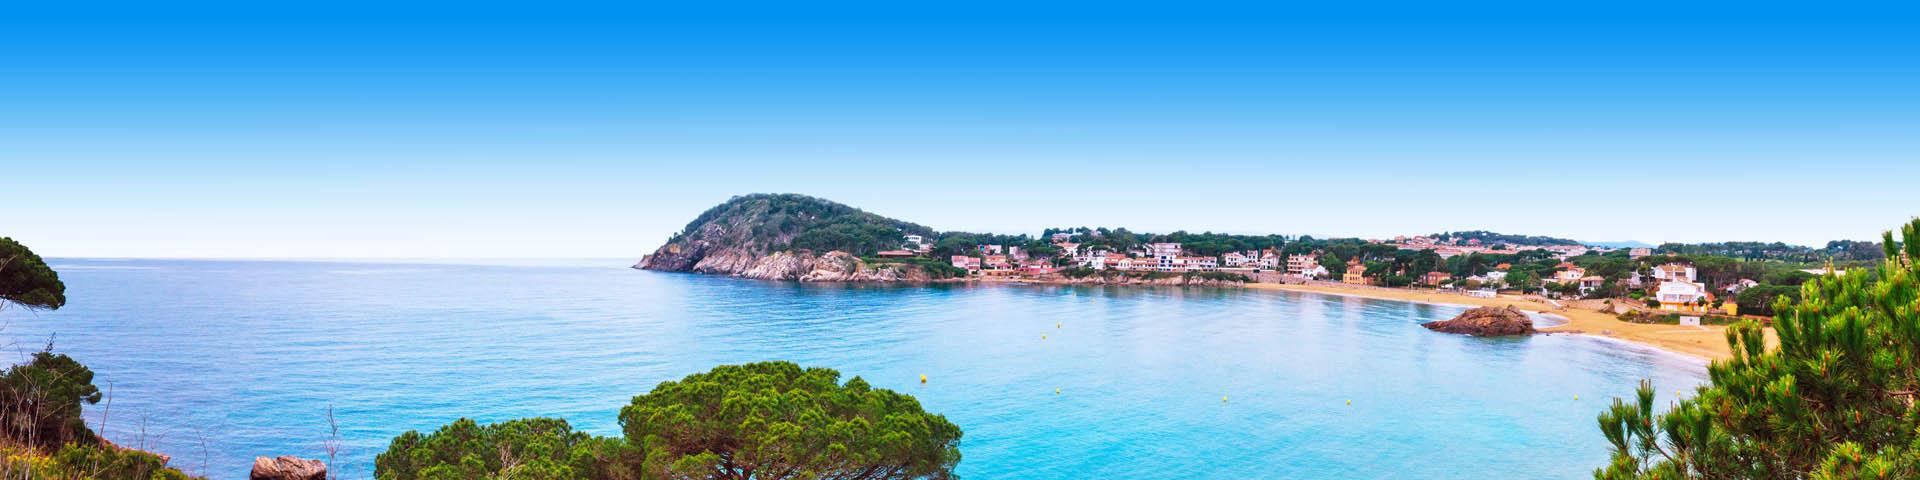 Kustlijn met zee en strand aan de Costa Brava van Spanje